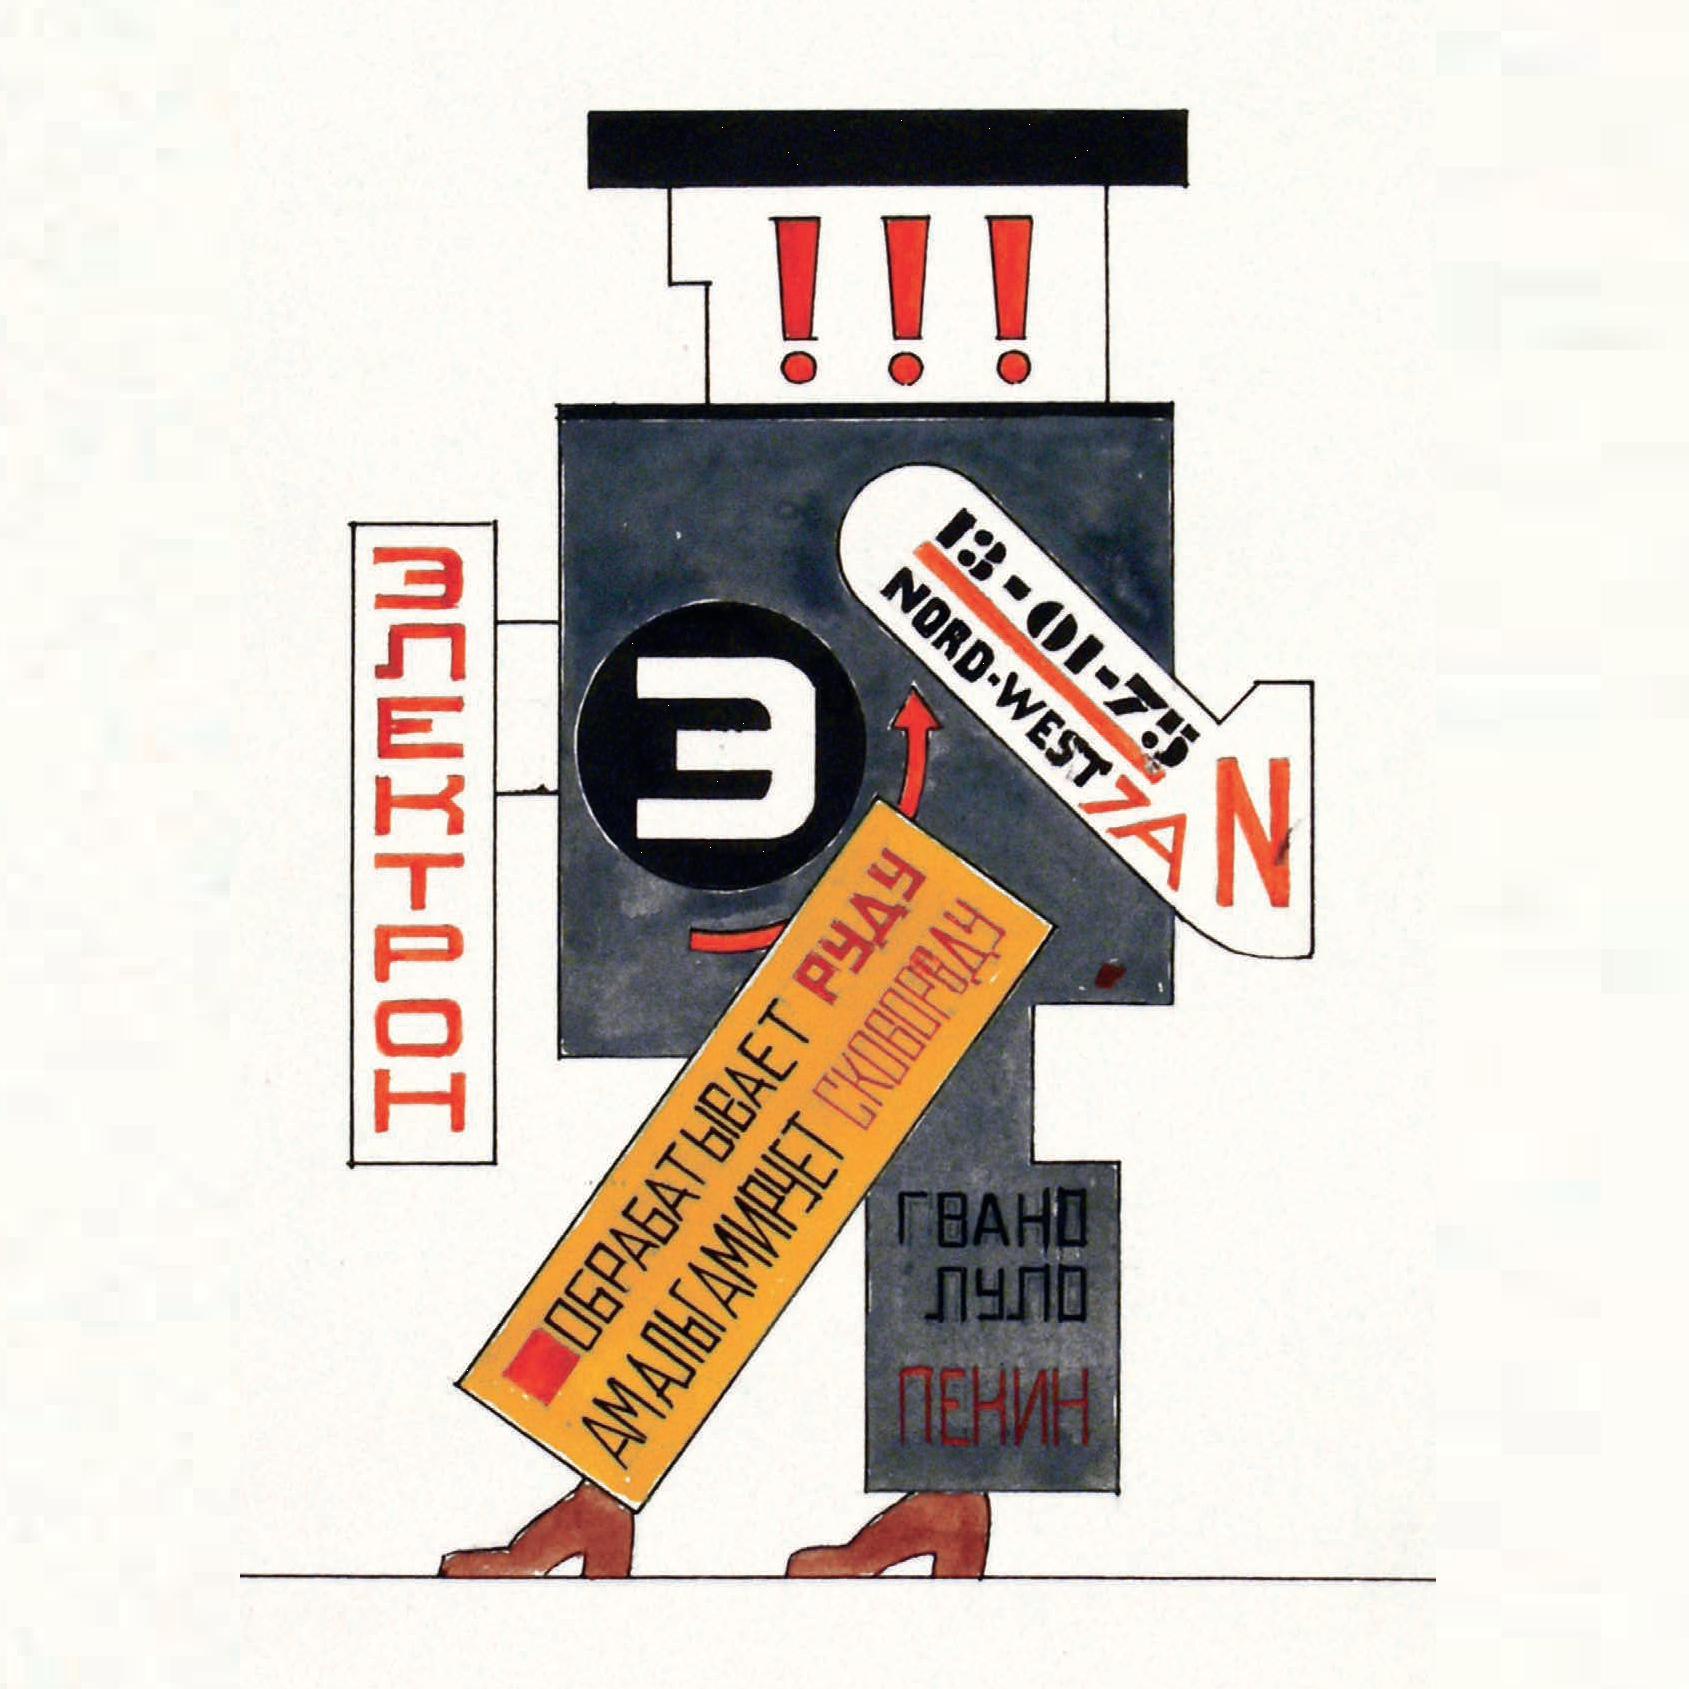 Лого фестиваль технологий — копия